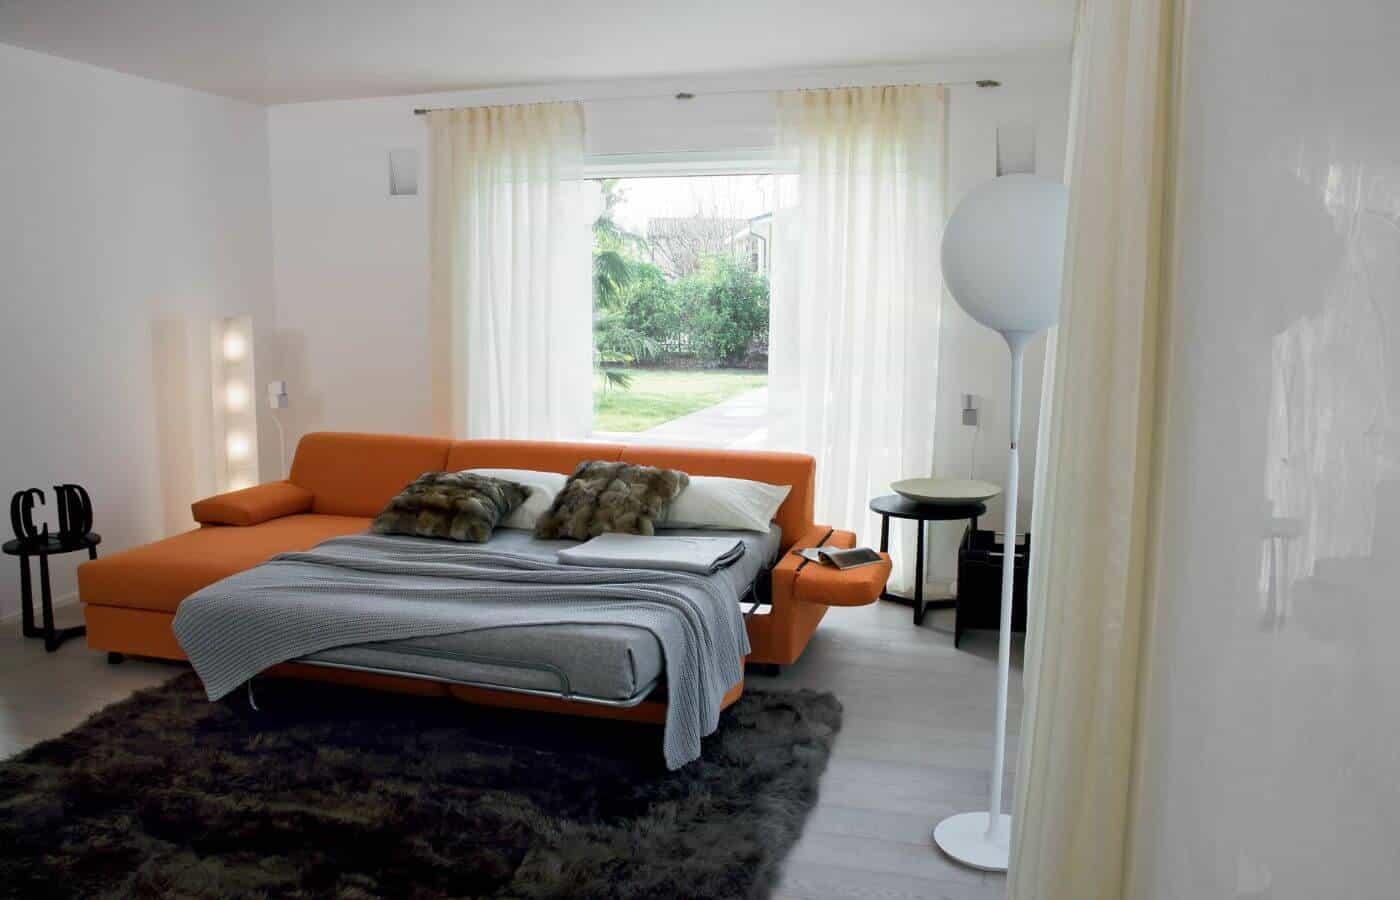 divani-letto-collezione-san-diego-il-mobile